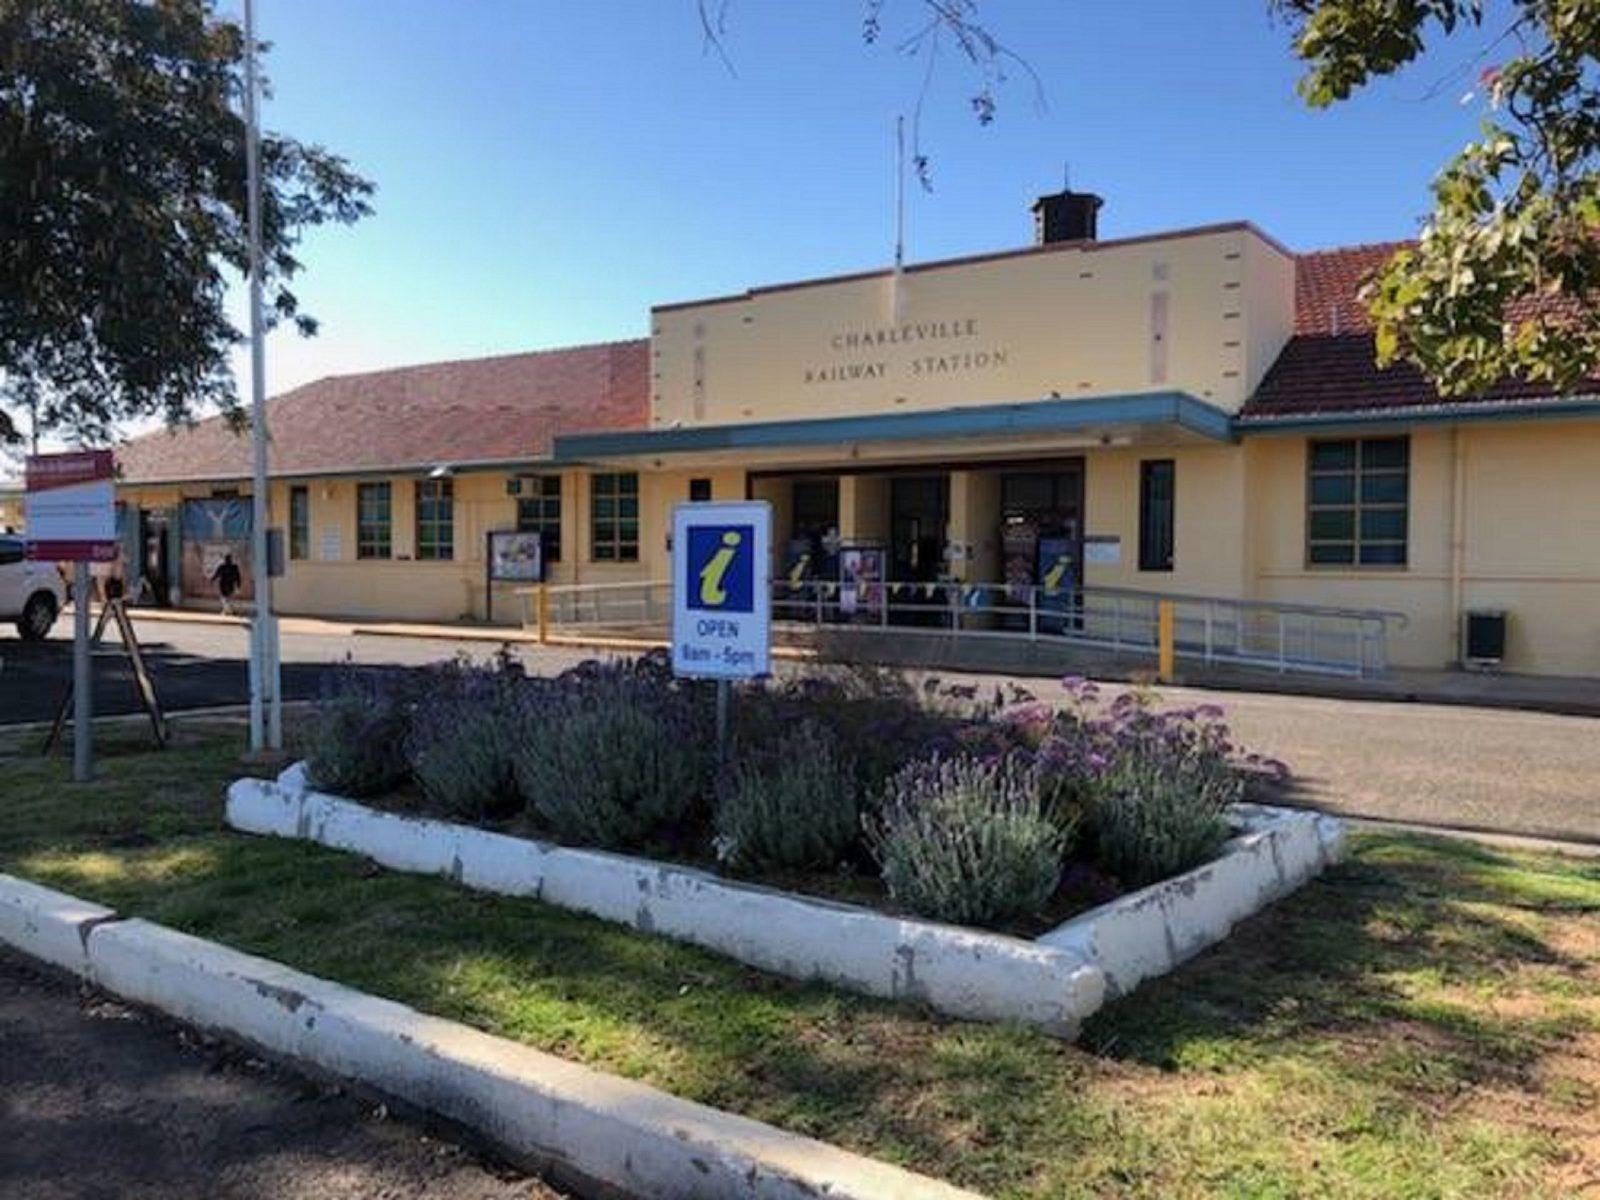 Visitor Centre Charleville